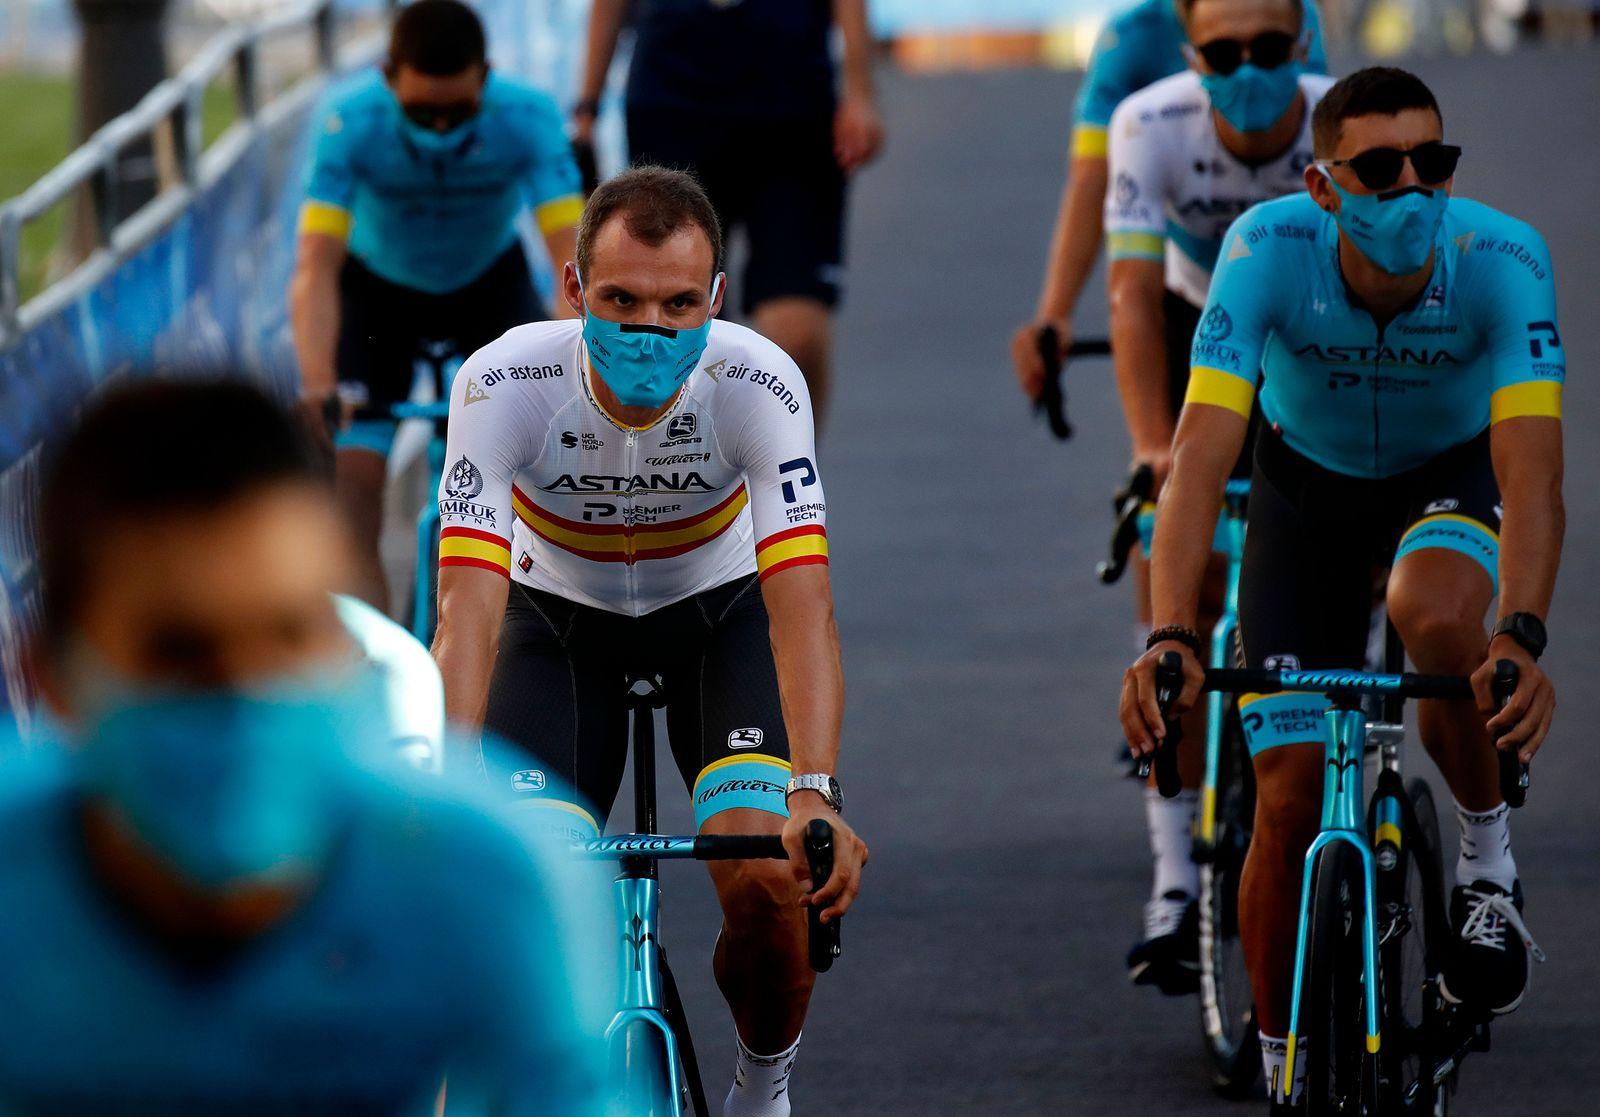 Tour de France 2020, Nice - 27 Aug 2020